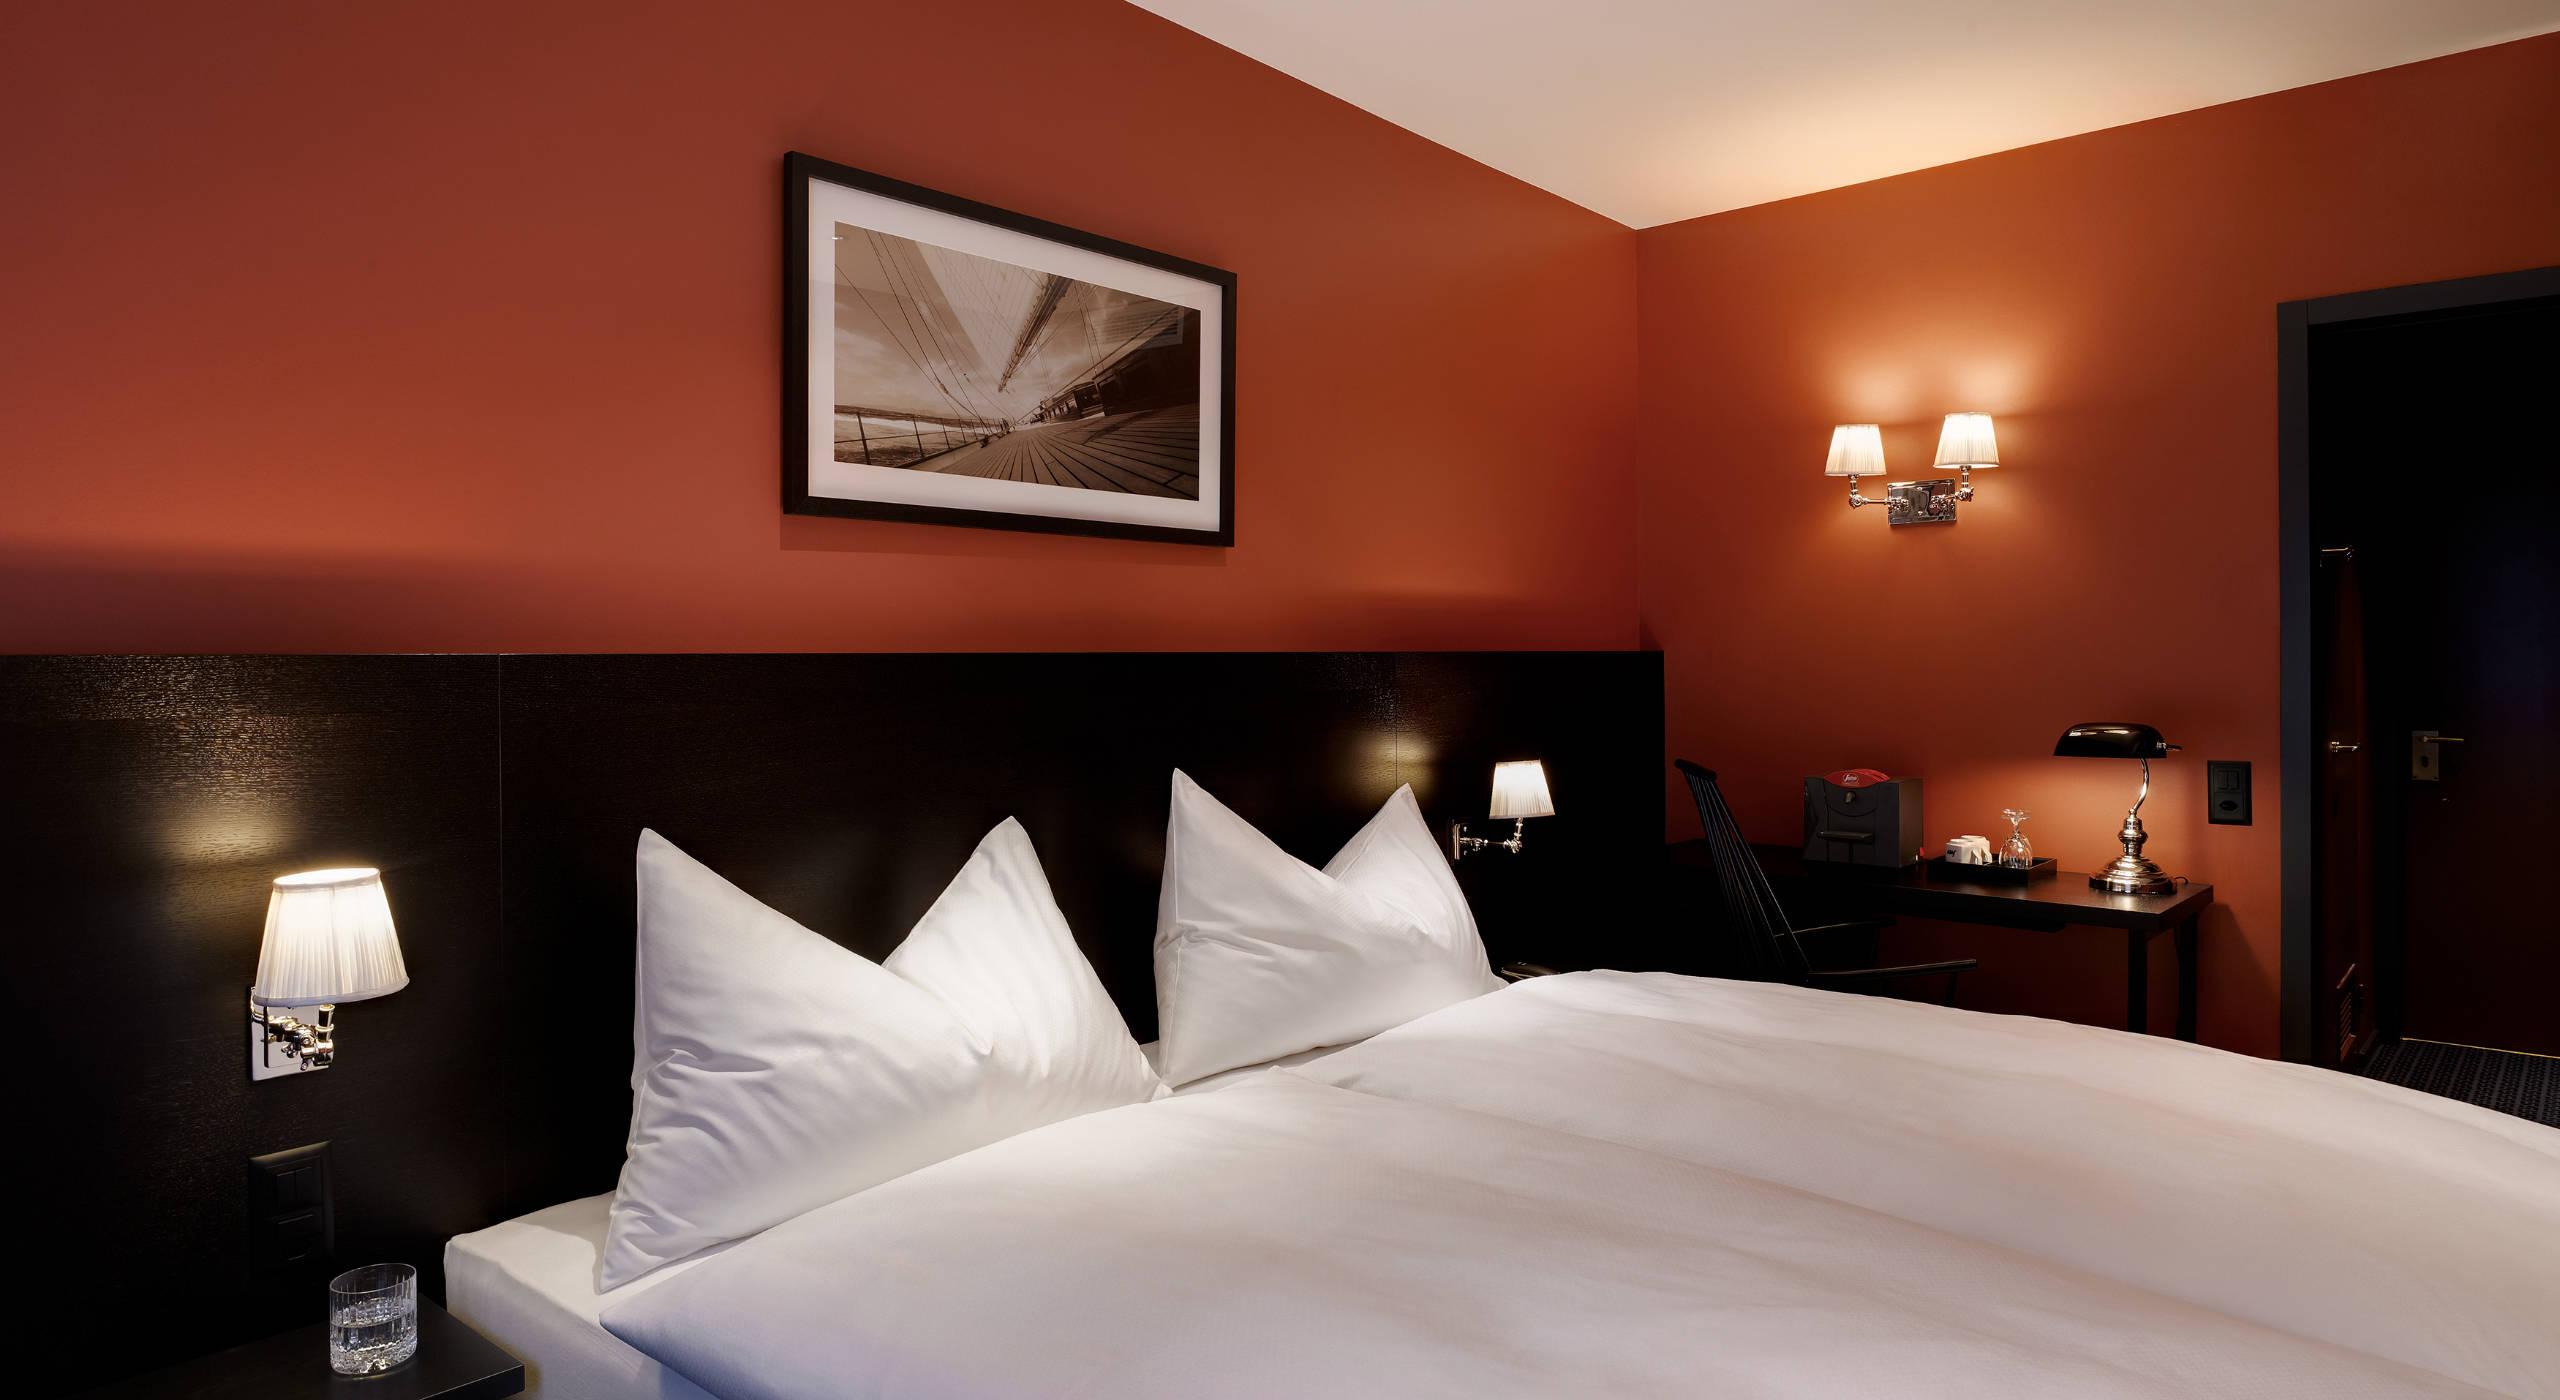 Hotel City Zürich Bedroom